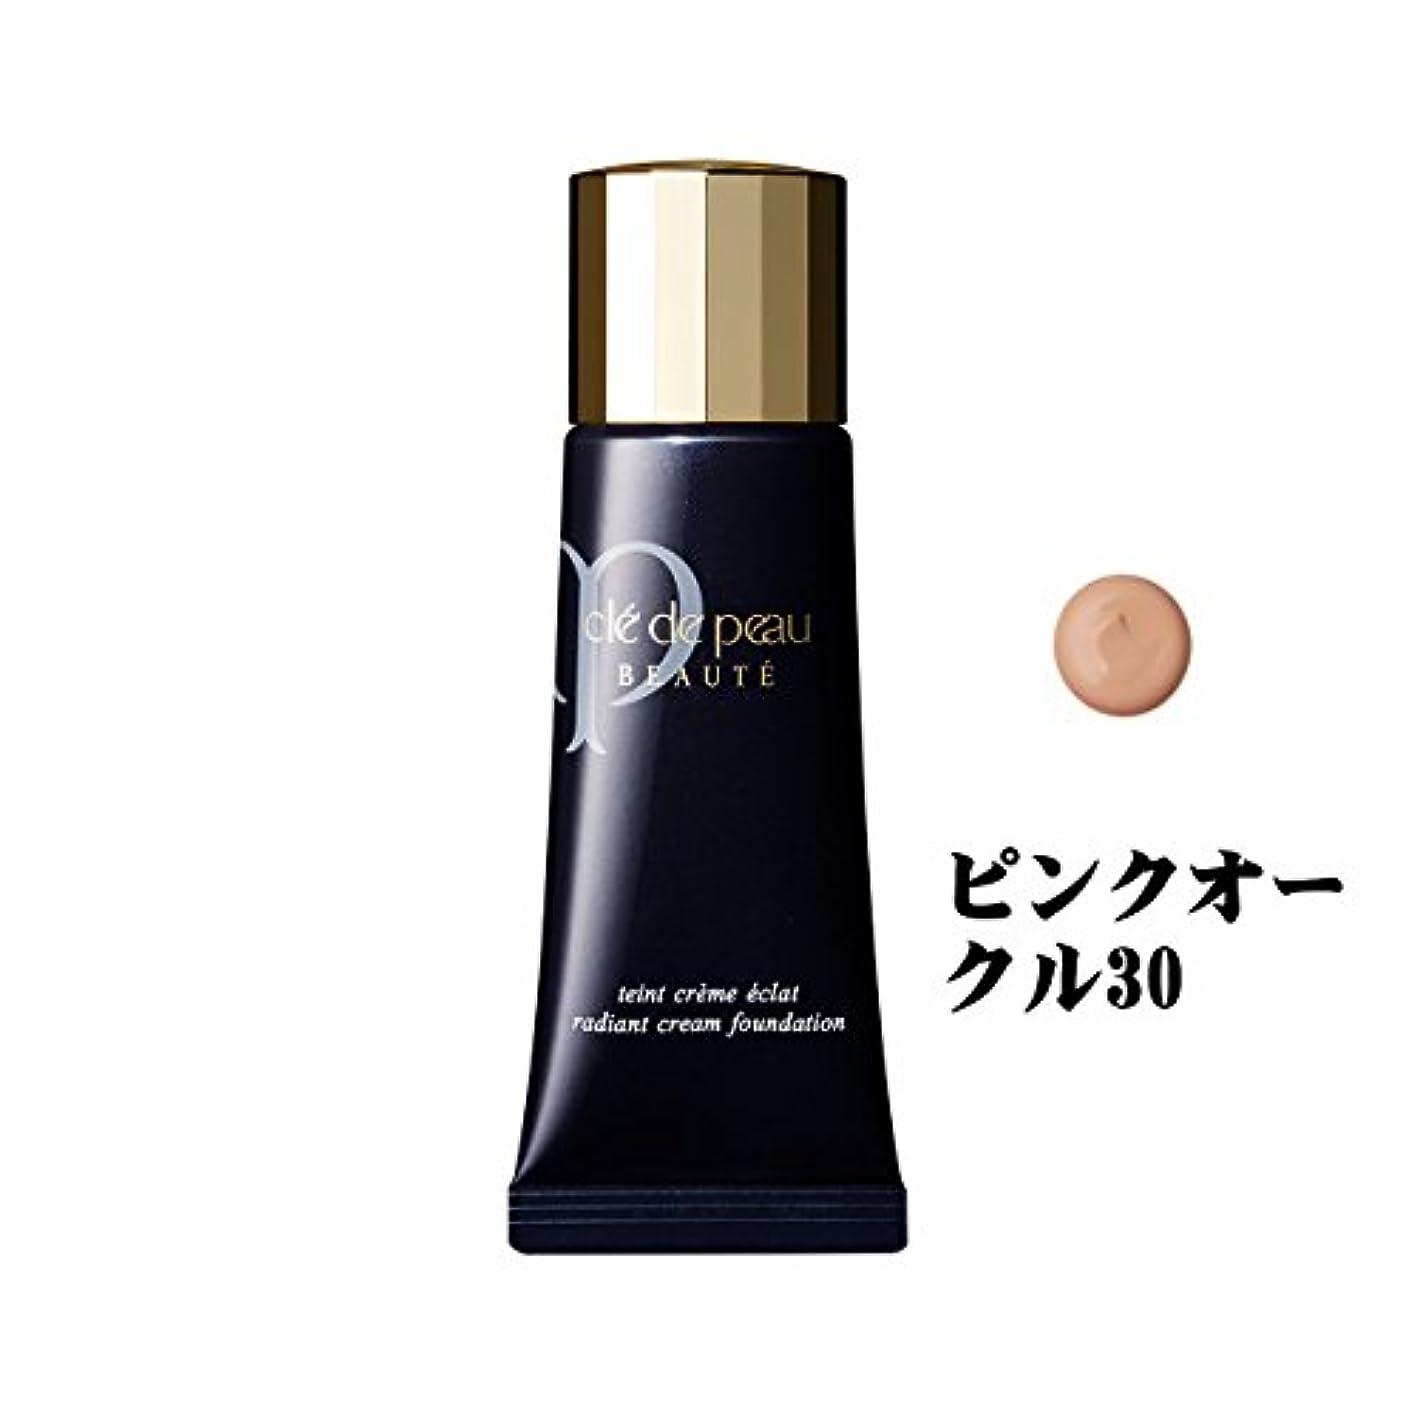 用語集断線約束する資生堂/shiseido クレドポーボーテ/CPB タンクレームエクラ クリームタイプ SPF25?PA++ ピンクオークル30